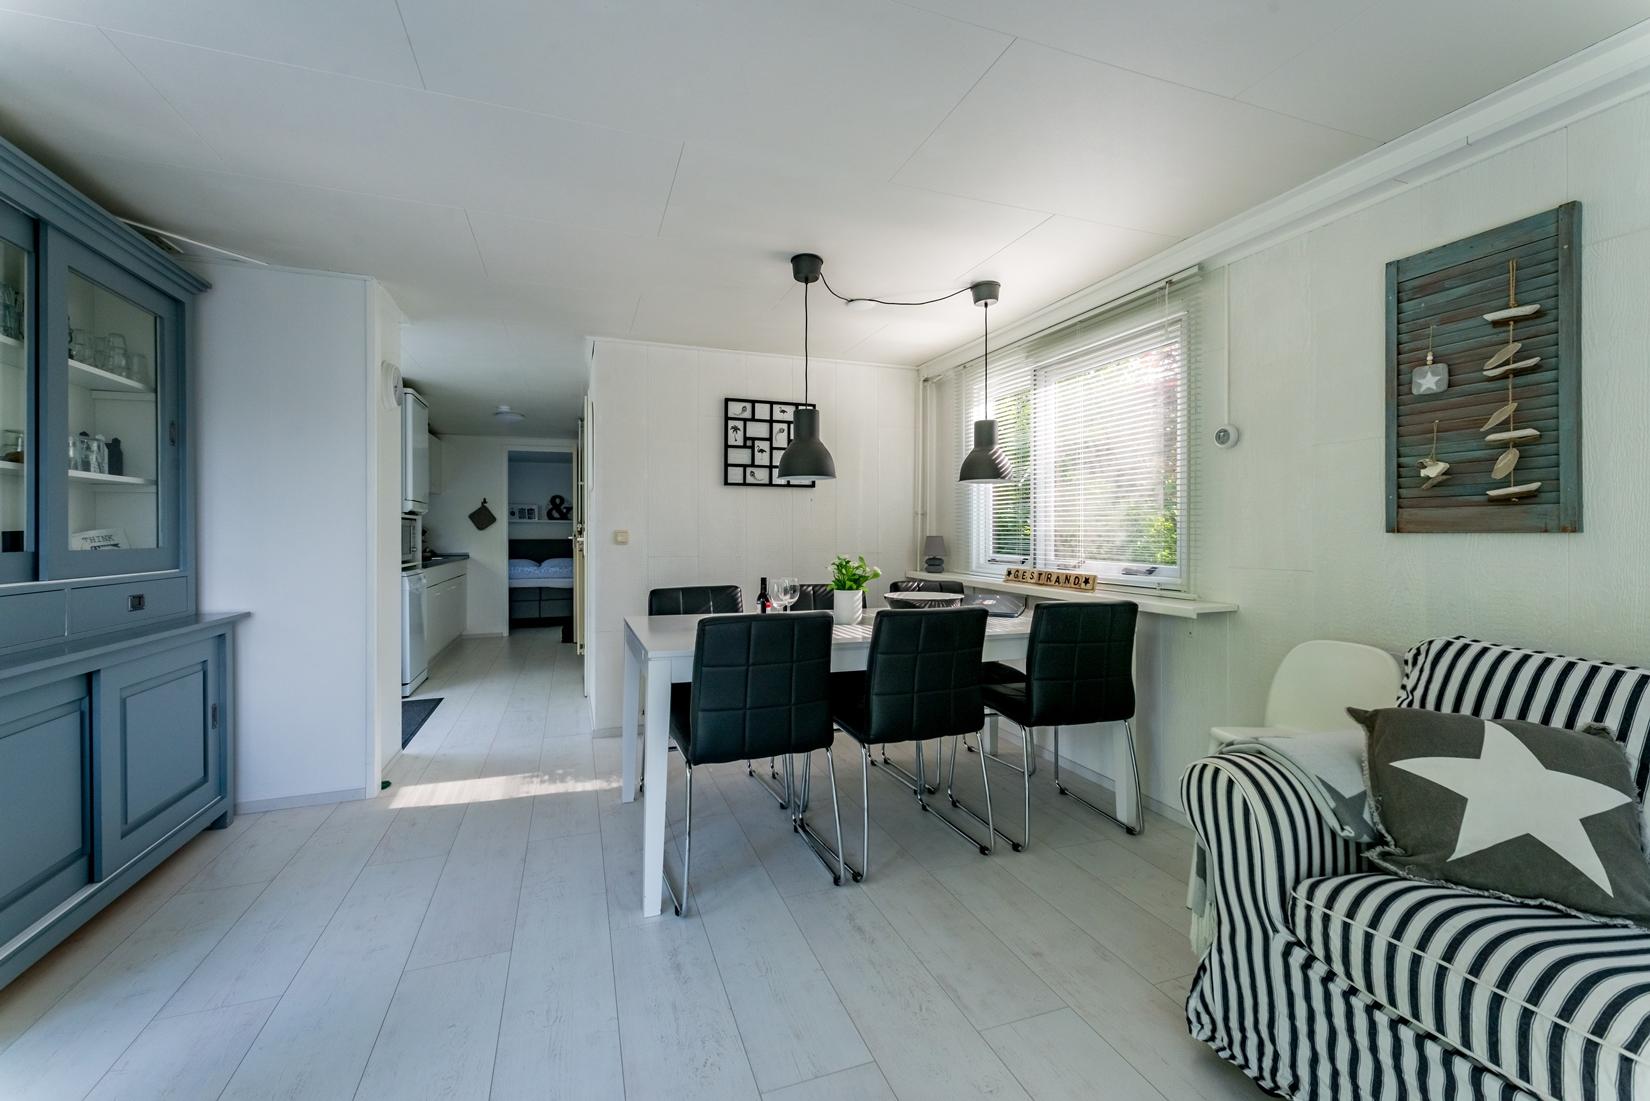 chalet-gestrand-interieur-woonkamer-doorkijk-keuken